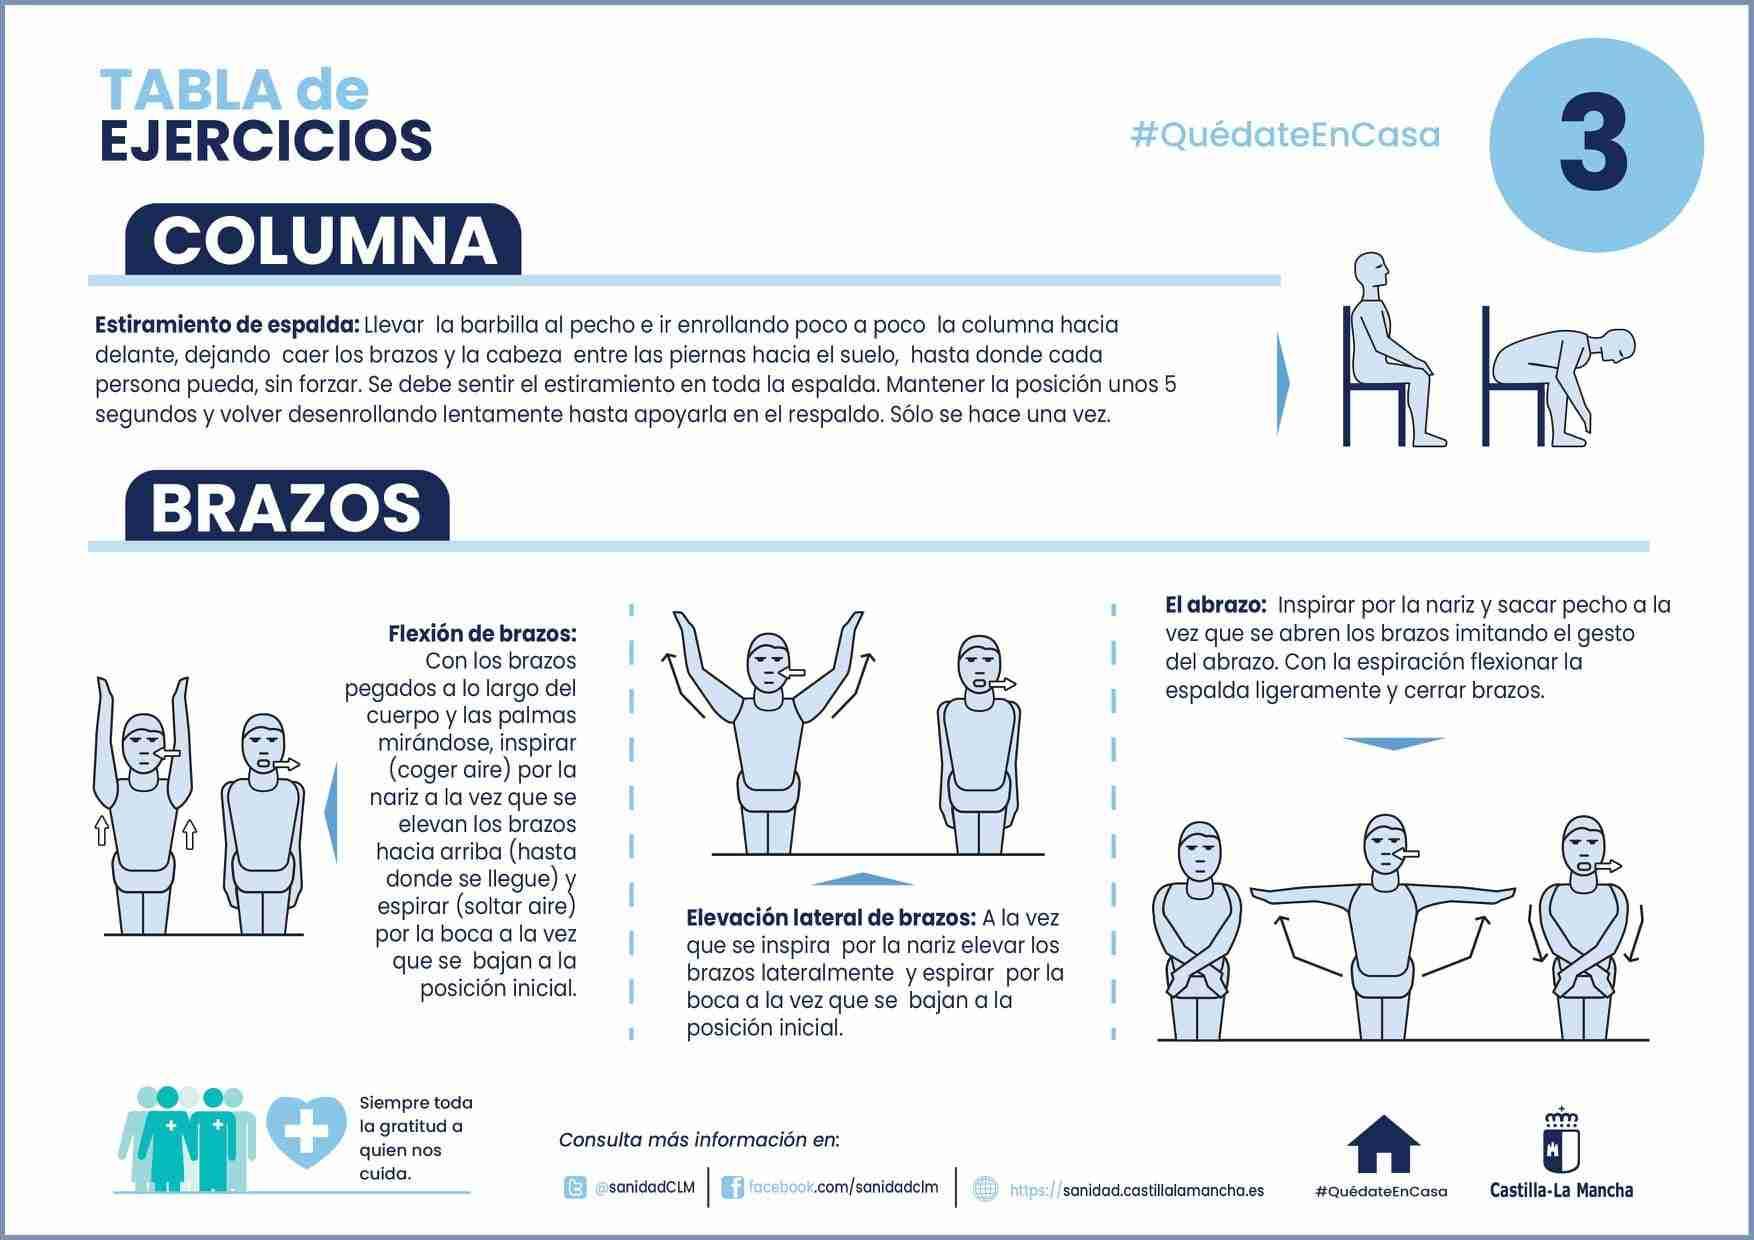 Ejercicios para mantenerse activo en casa durante el confinamiento. 13